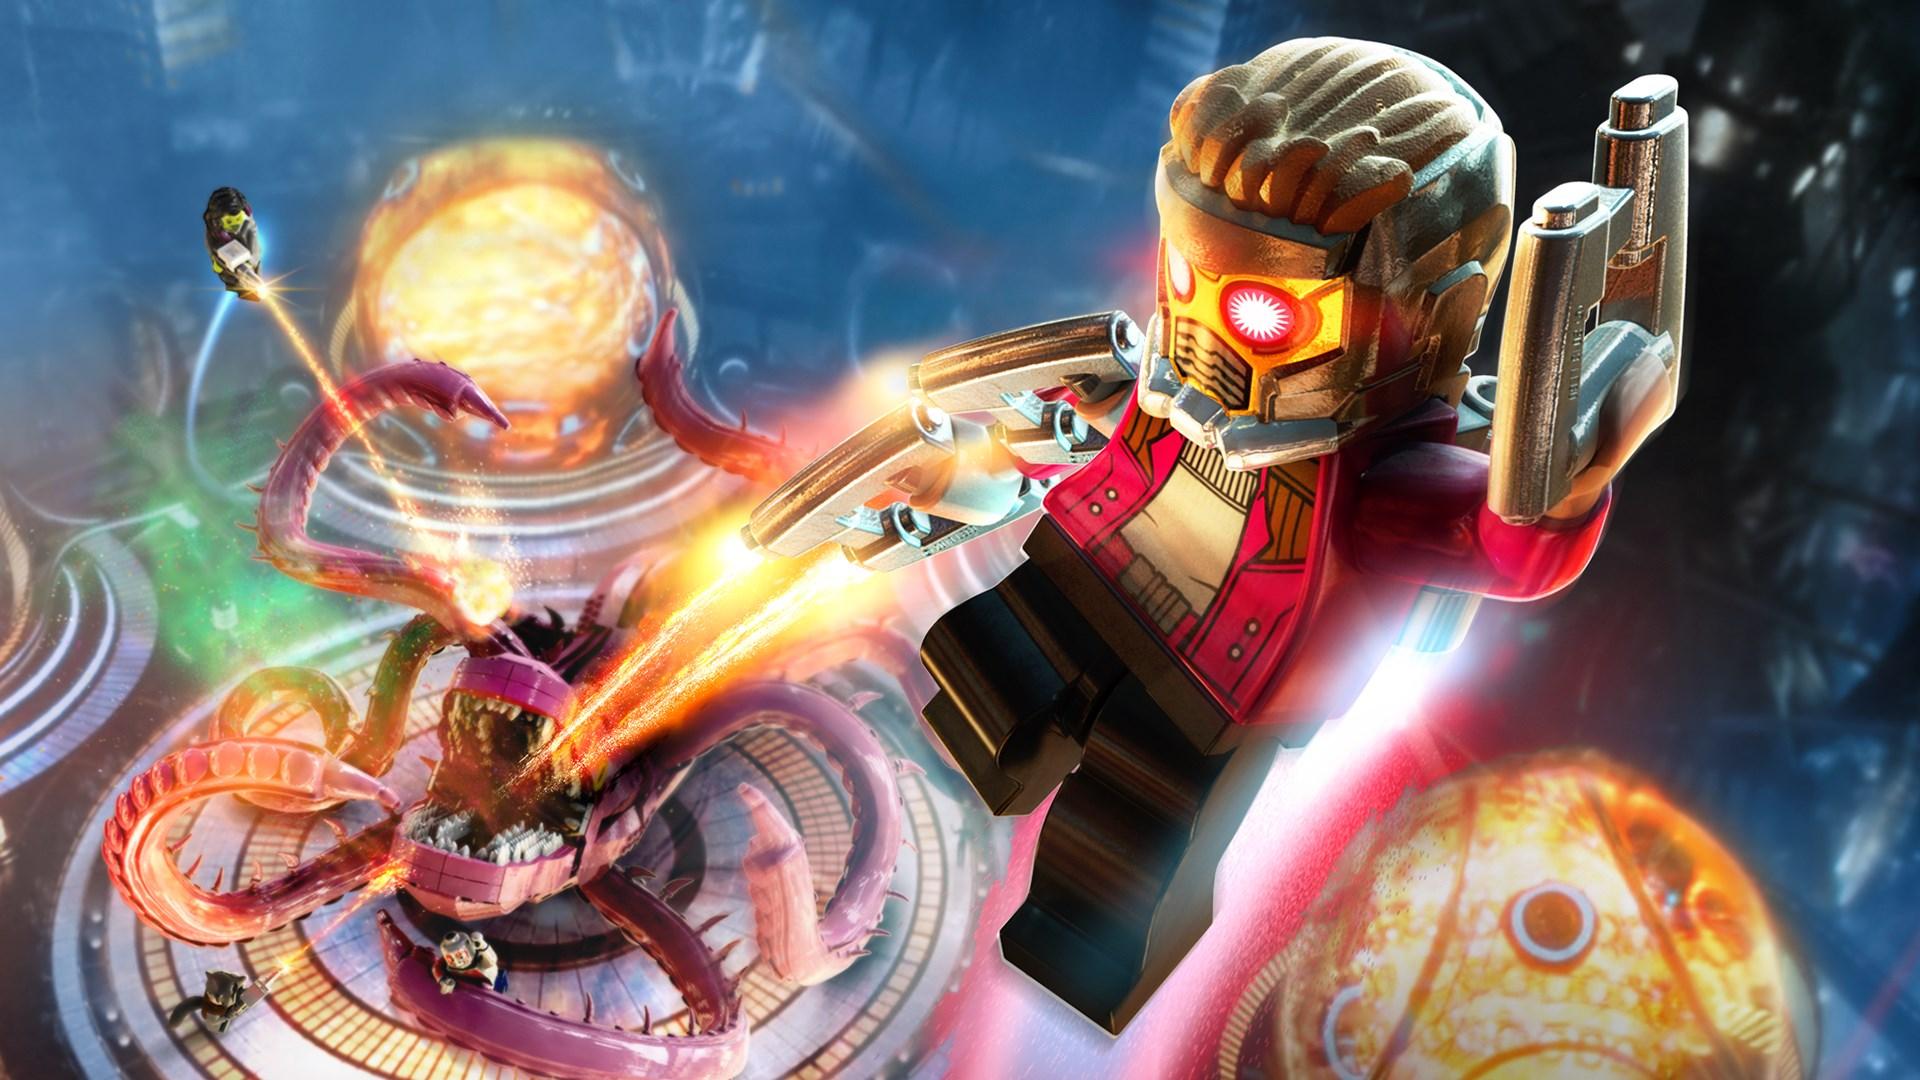 Fases do filme Guardiões da Galáxia: Vol. 2 da Marvel